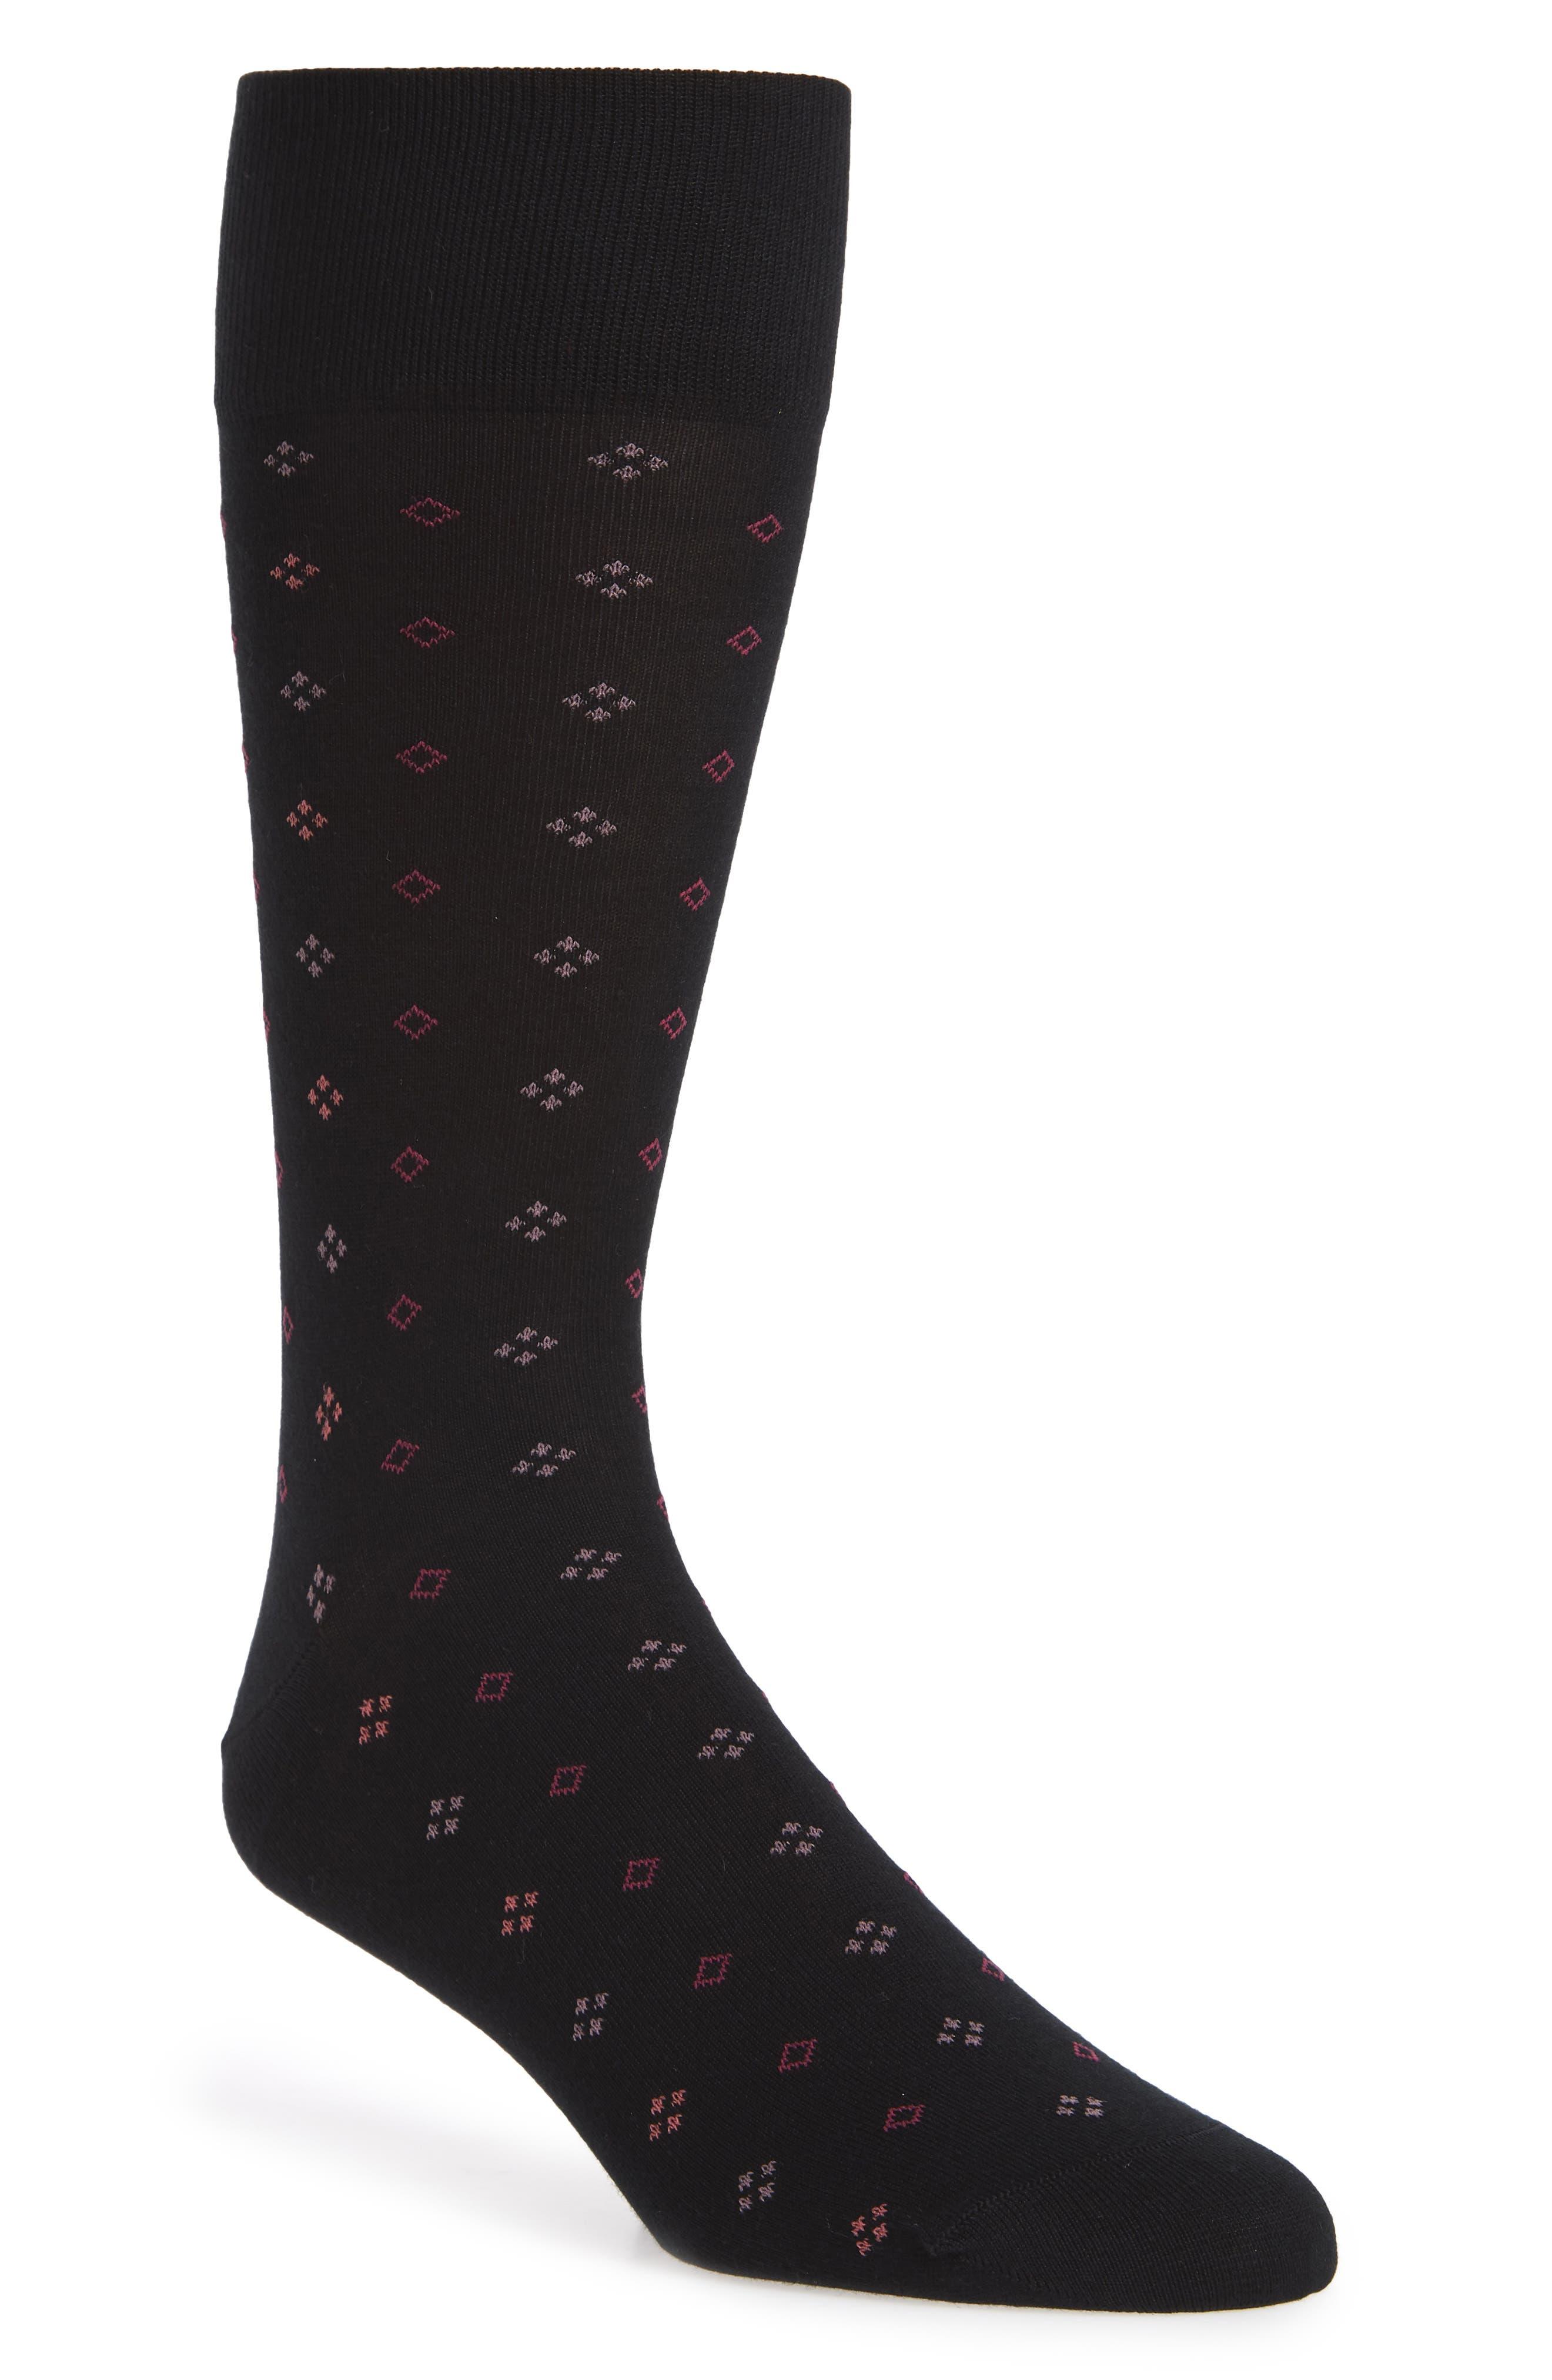 Geometric Socks,                             Main thumbnail 1, color,                             BLACK/ PINK